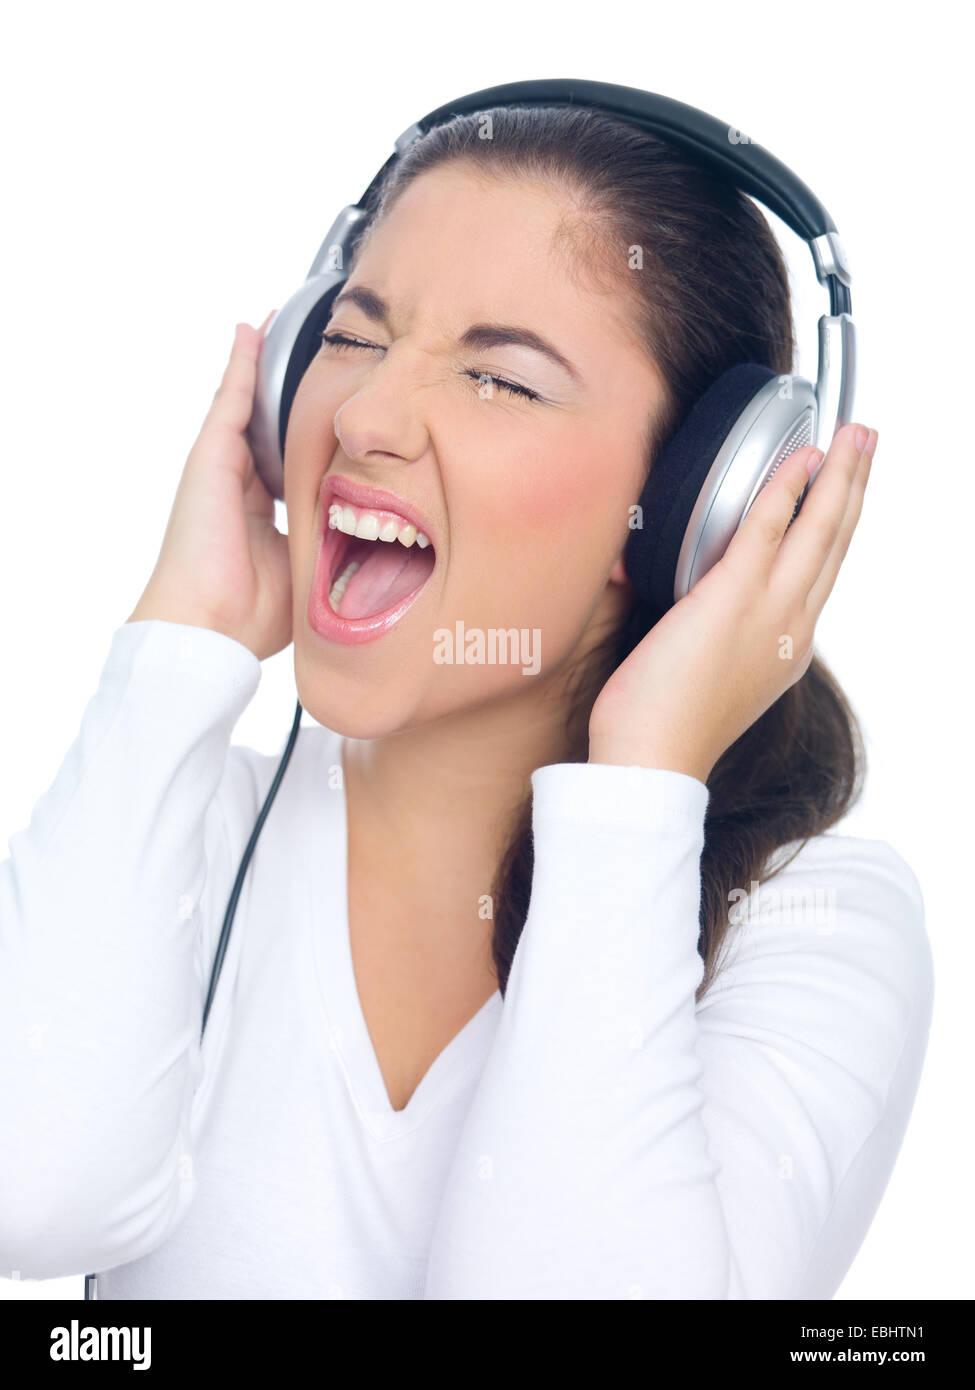 Cerrar feliz Joven en blanco Tops de manga larga cantando ruidosamente subrayando su boca abierta mientras escucha Foto de stock